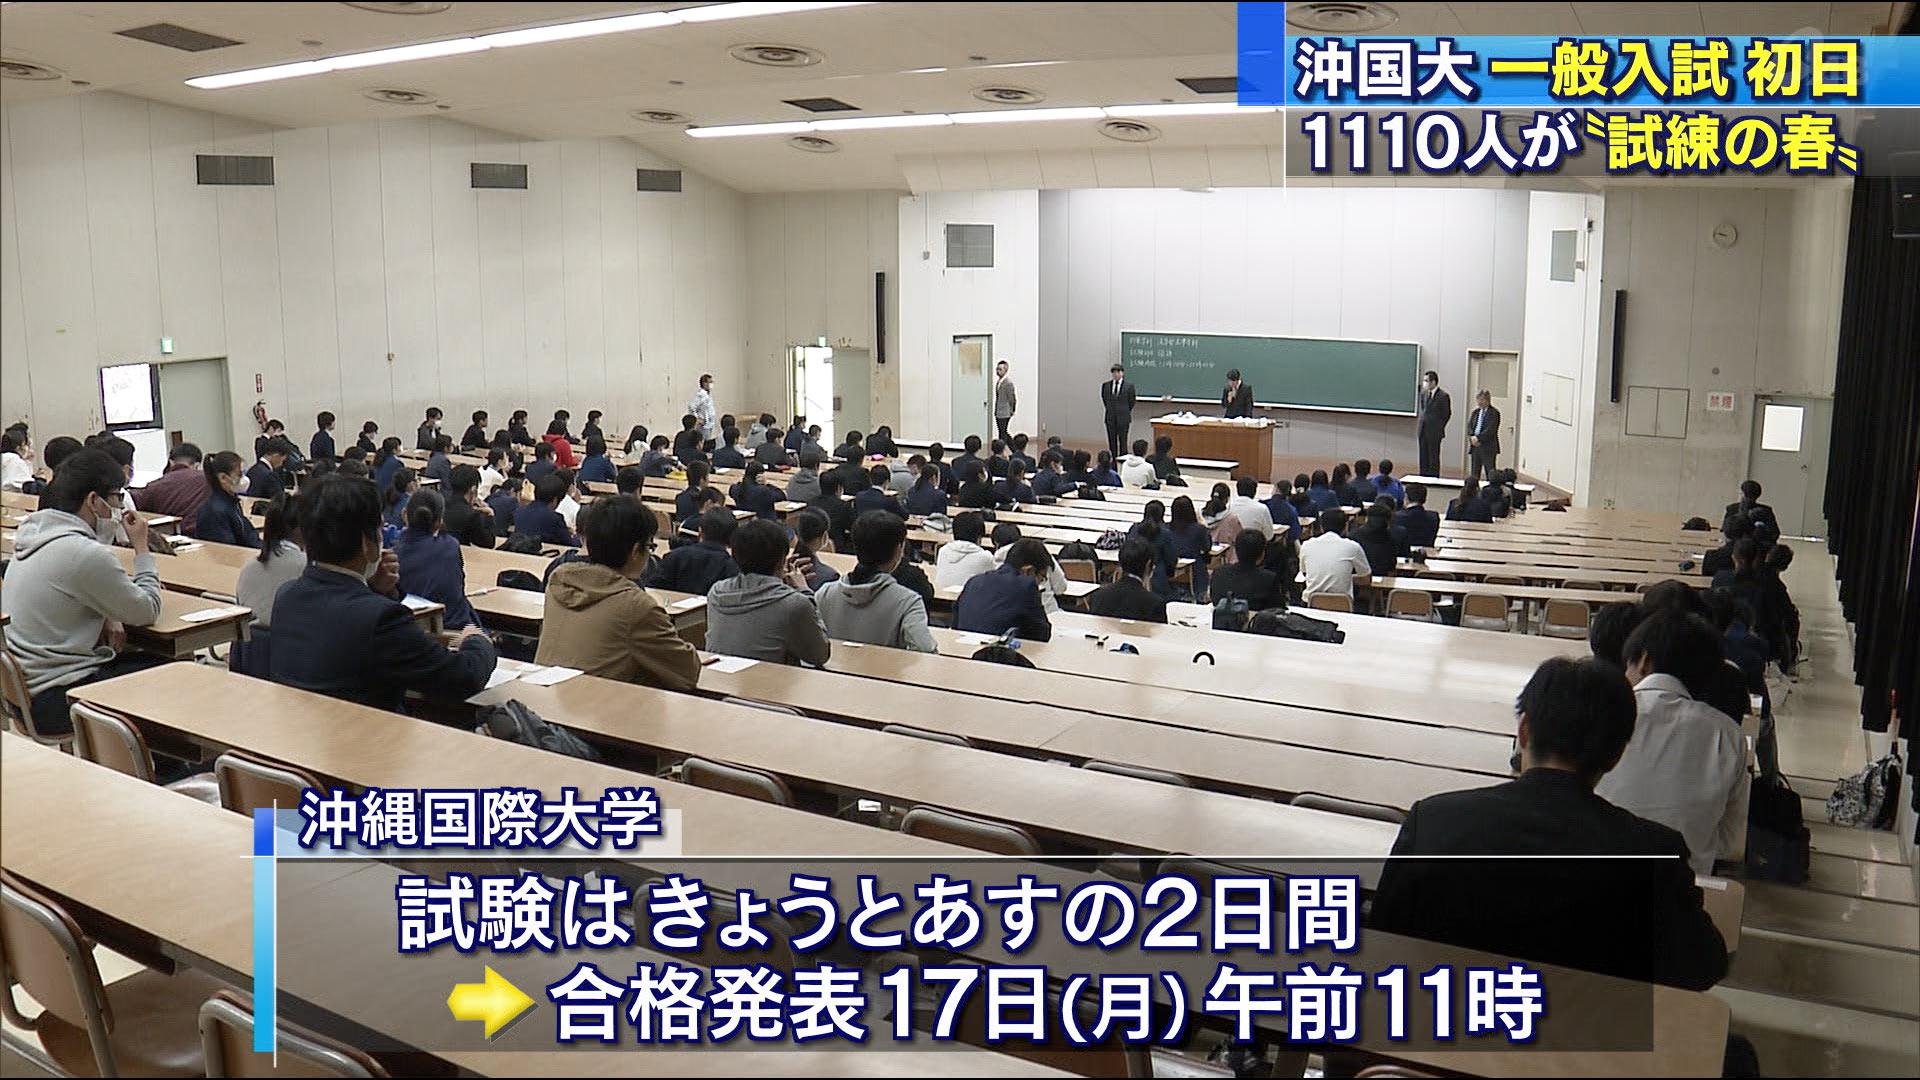 沖縄国際大学で一般入試始まる